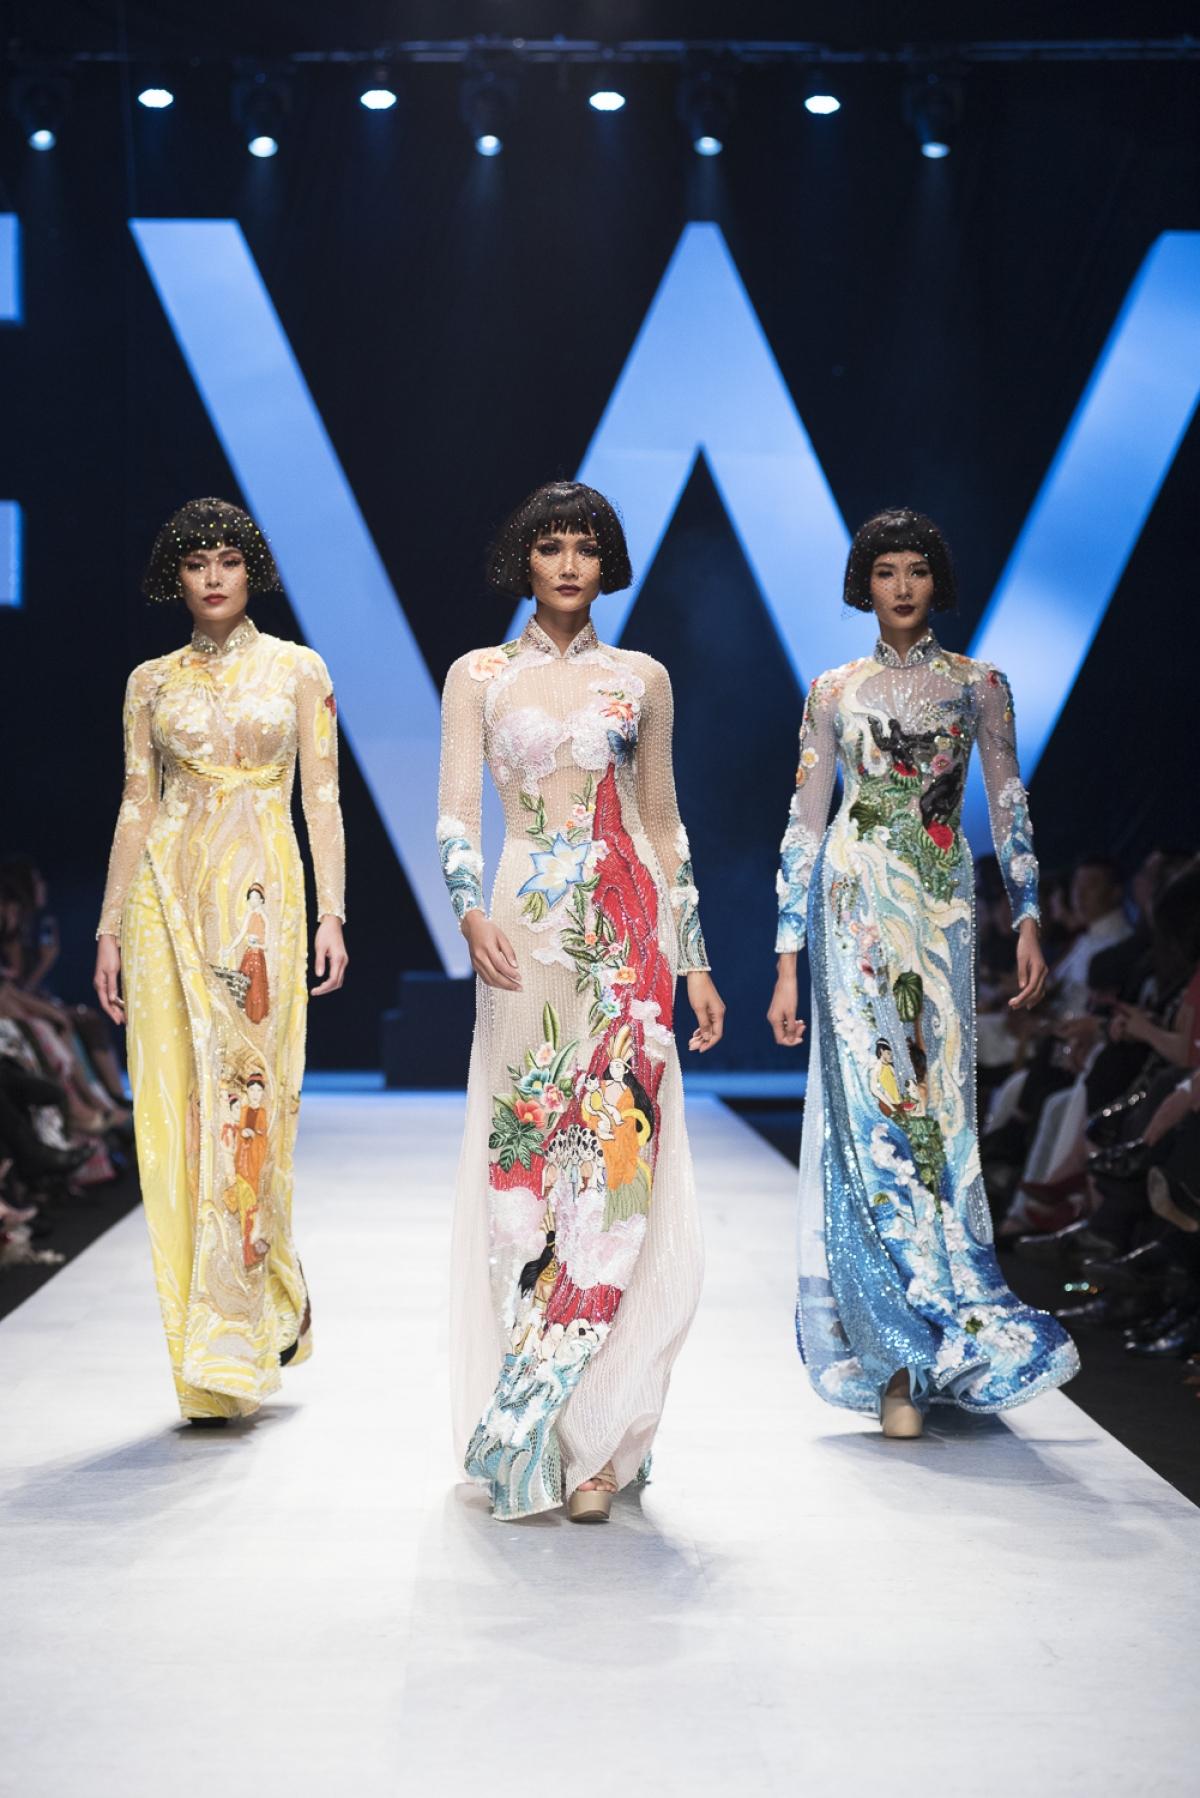 Tuần lễ Thời trang Quốc tế là sự kiện thường niên, thu hút sự chú ý của giới thời trang trong nước và quốc tế.